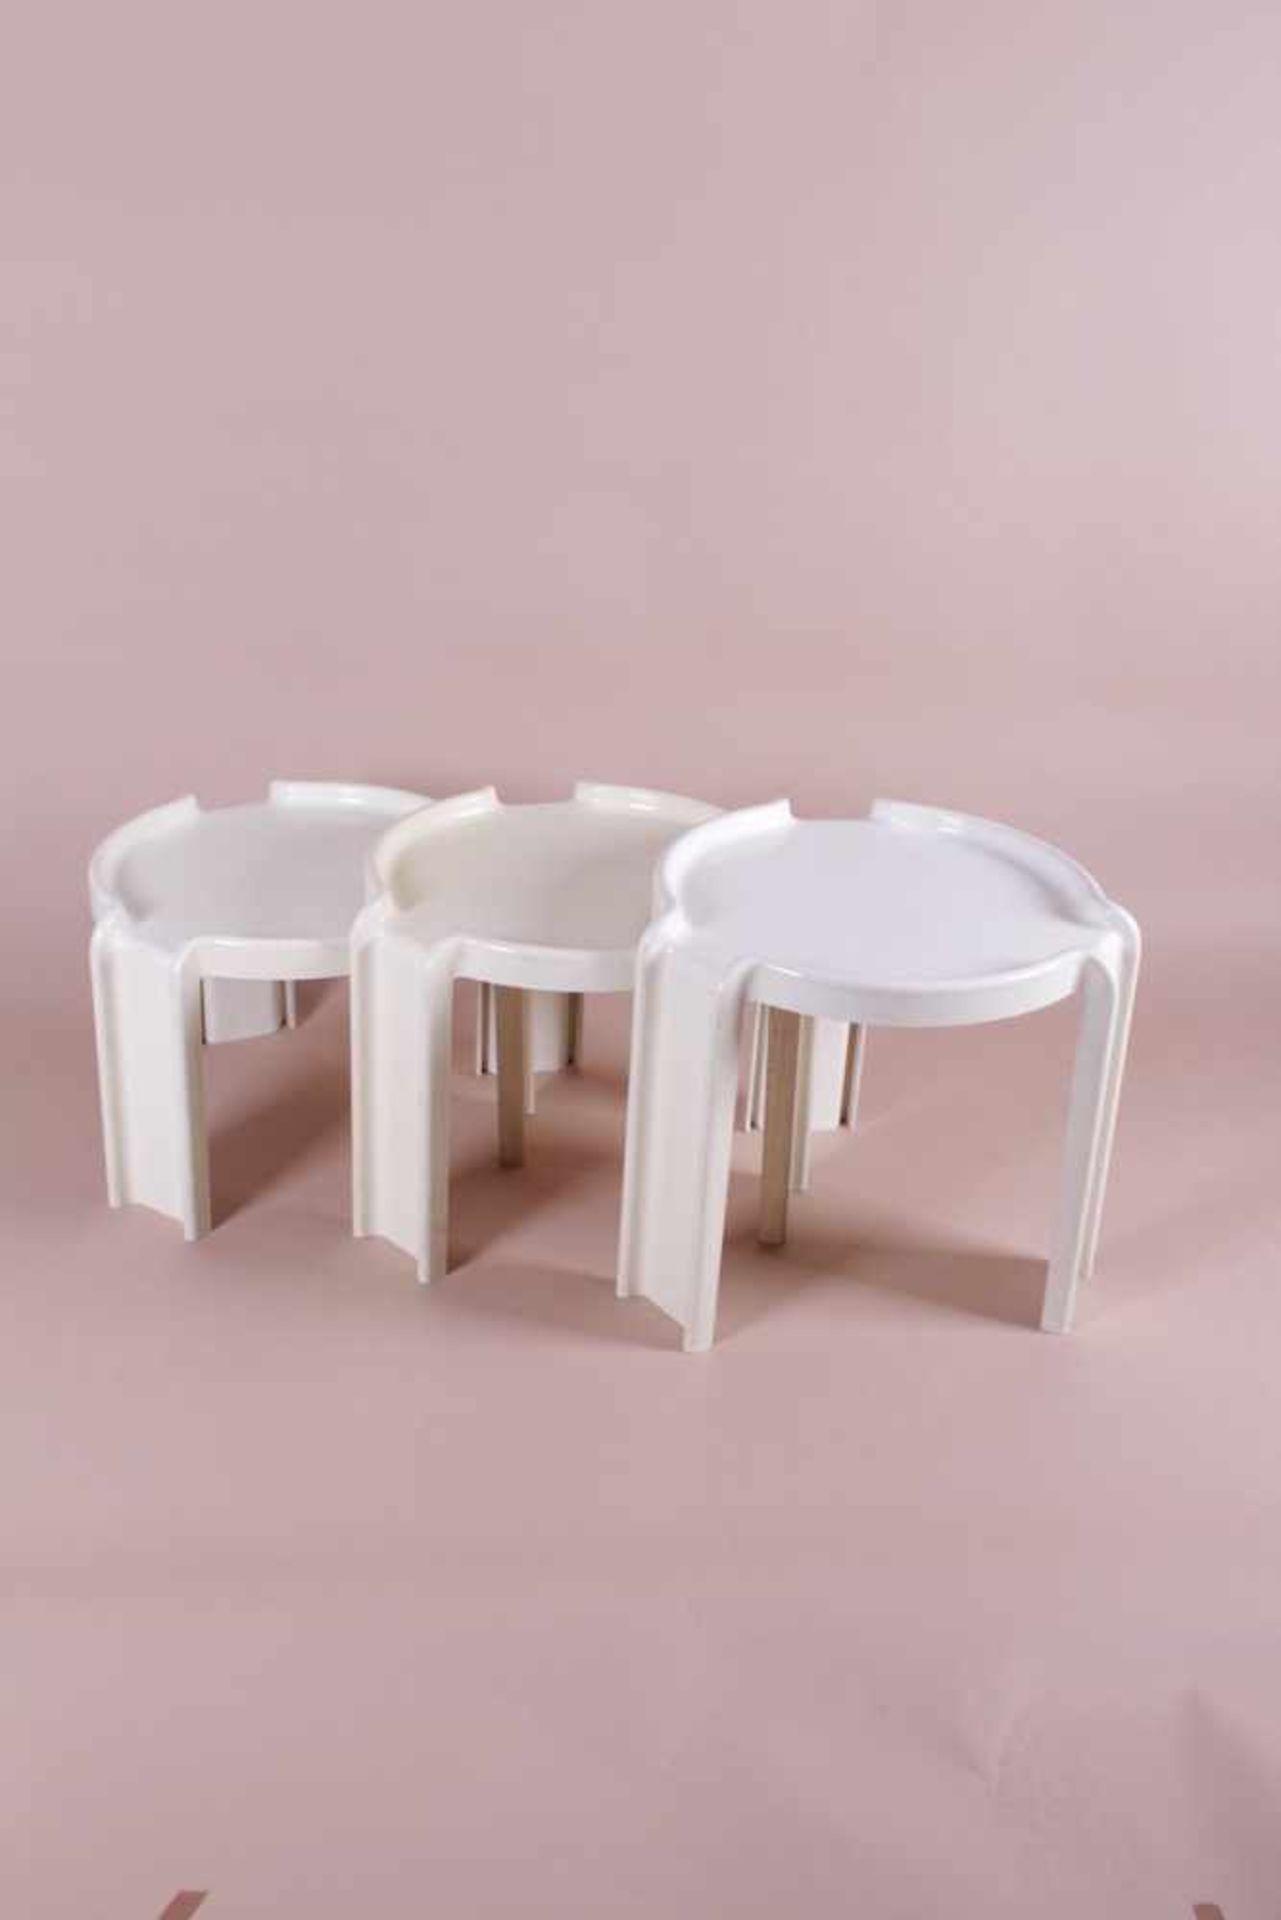 Los 54 - Drei Designer Beistelltische 60er Jahre Three Designer Side Tables 1960s